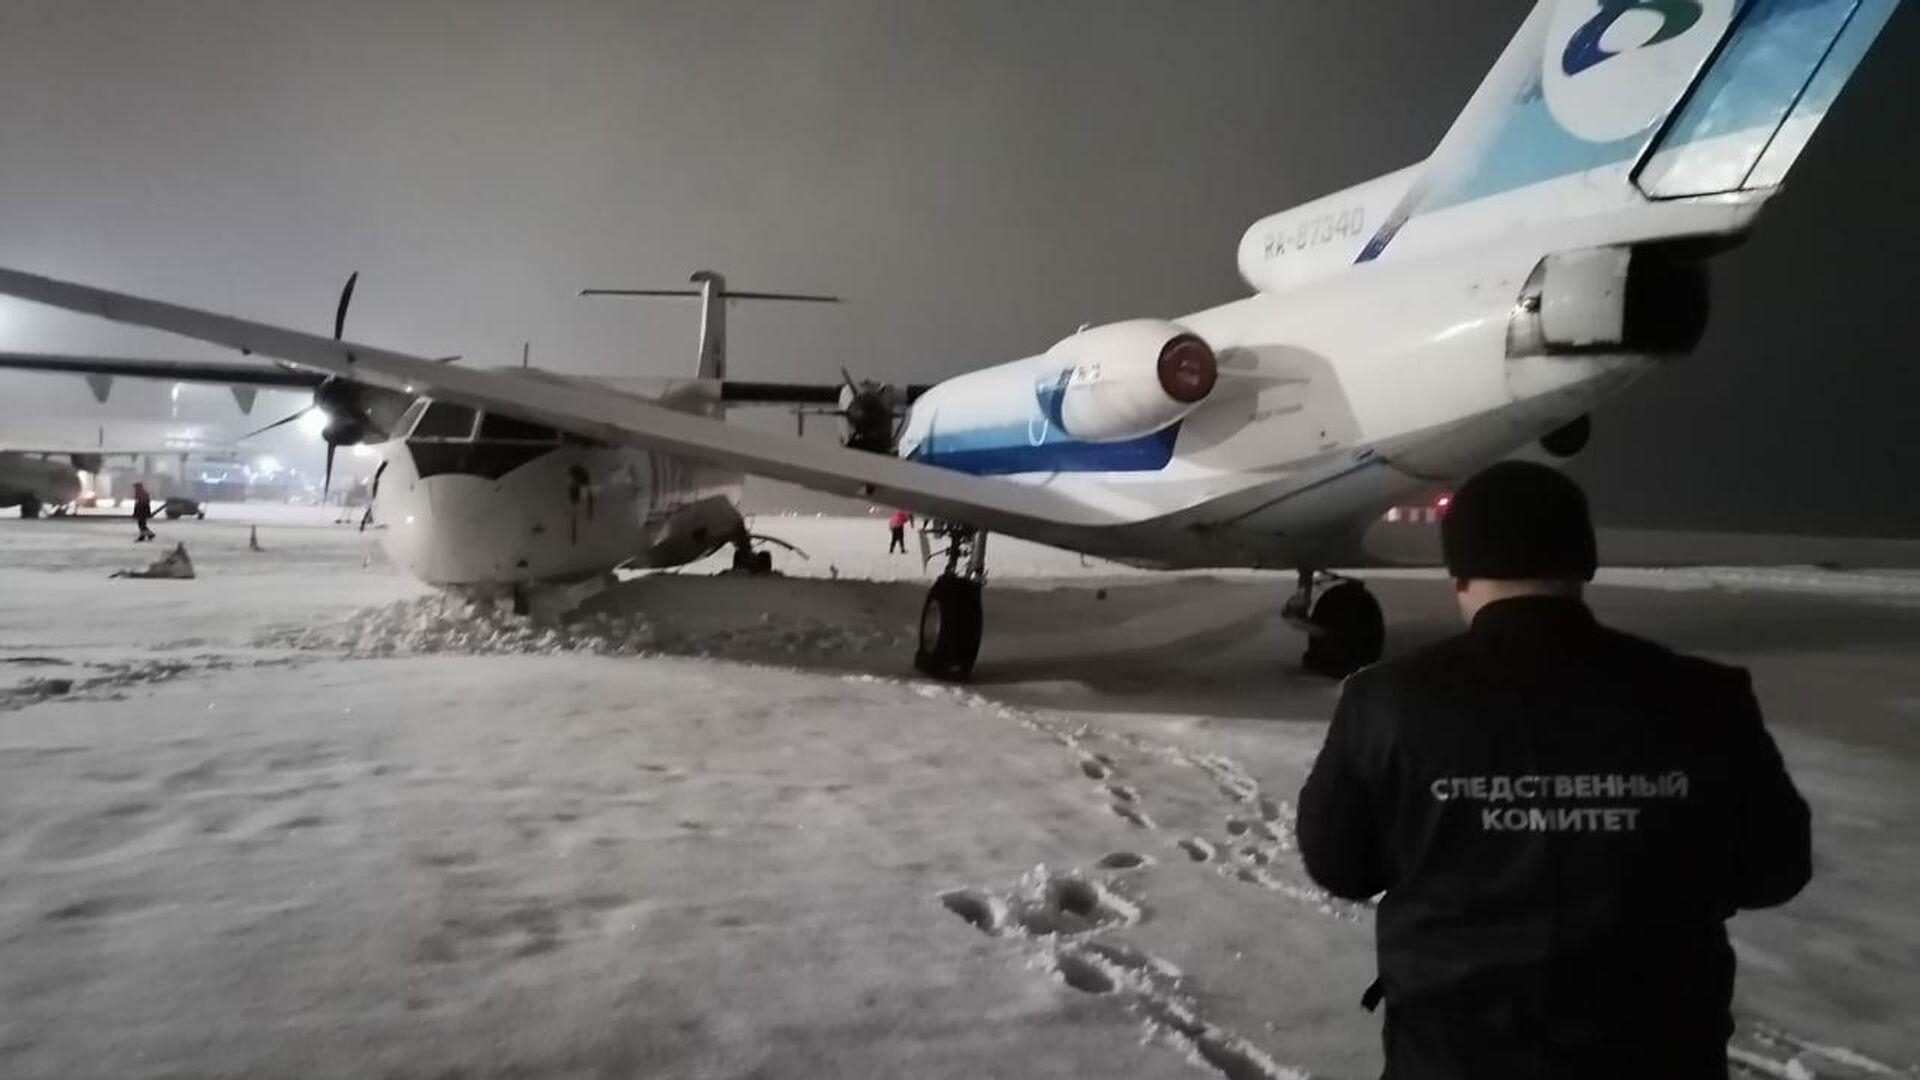 В аэропорту Сургута самолет ATR-72 сам укатился и столкнулся с Як-40 - РИА Новости, 1920, 02.04.2021